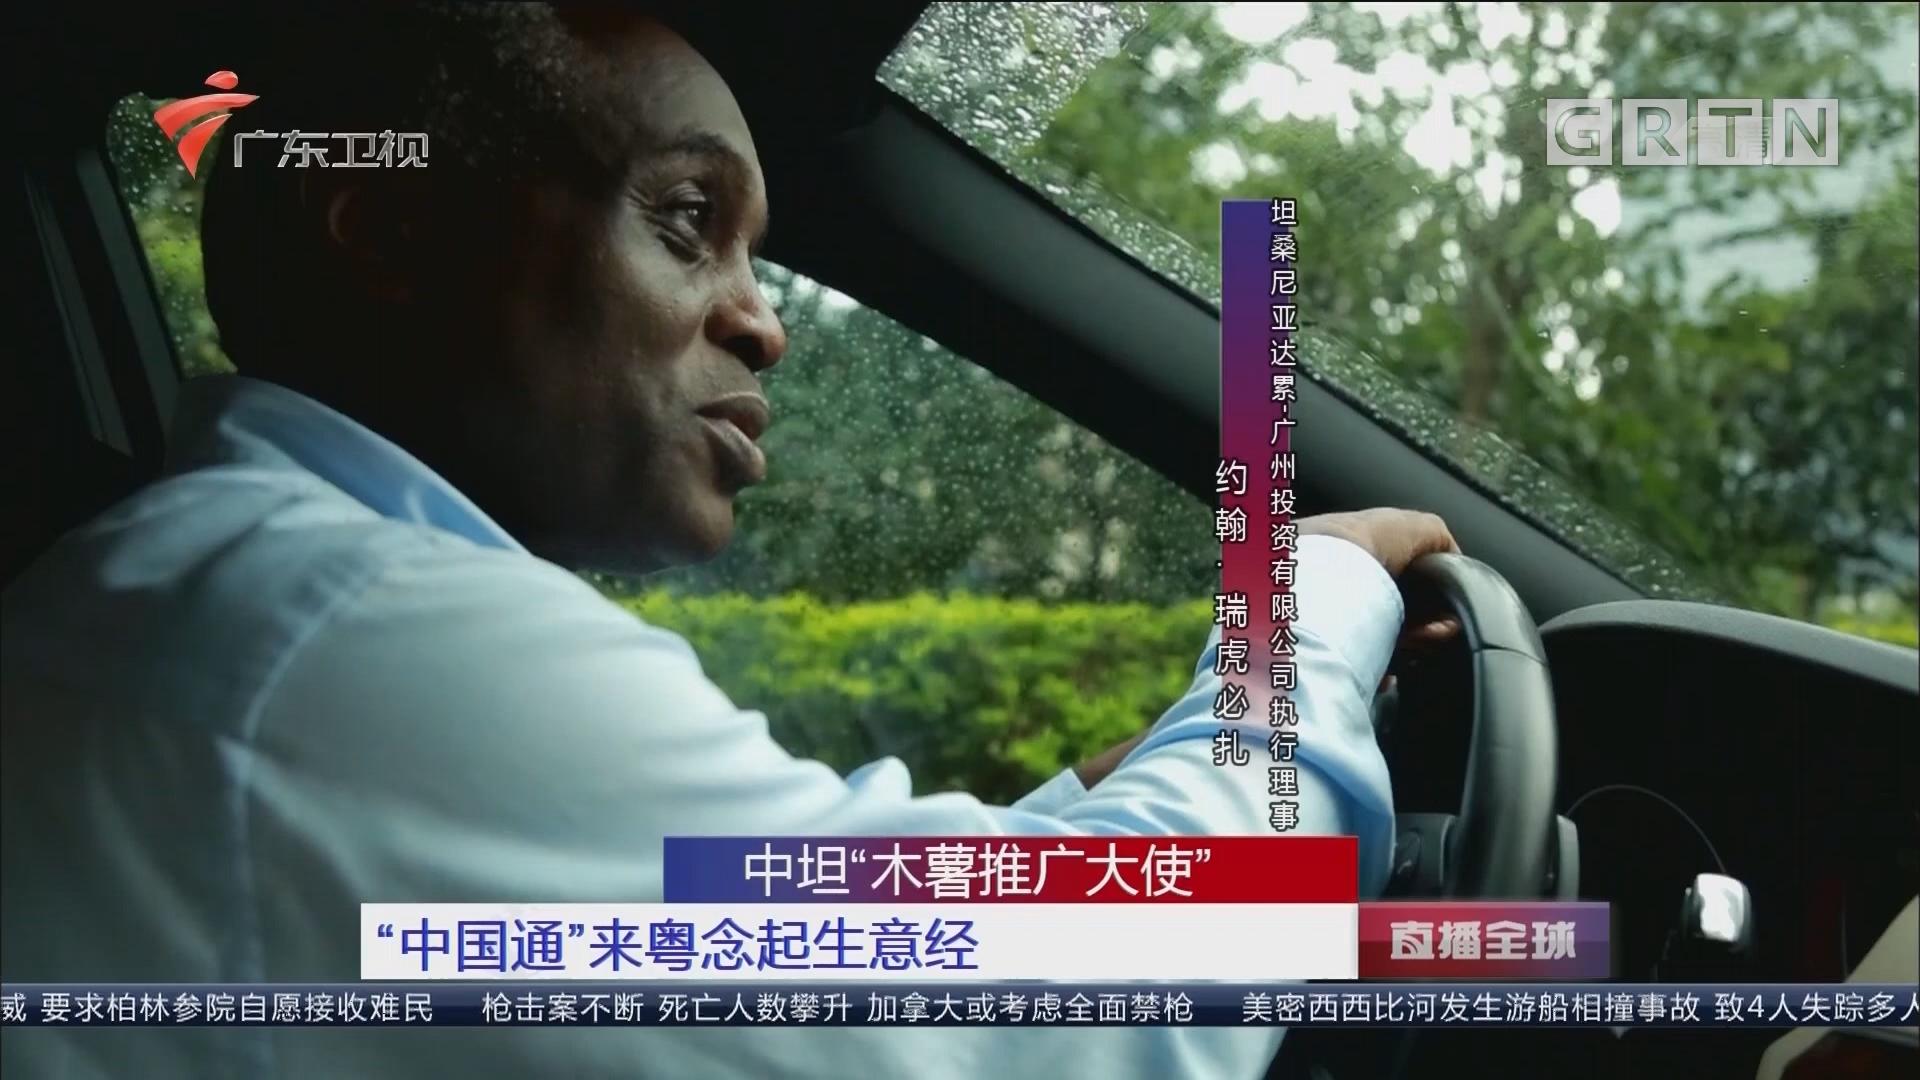 """中坦""""木薯推广大使"""" """"中国通""""来粤念起生意经"""